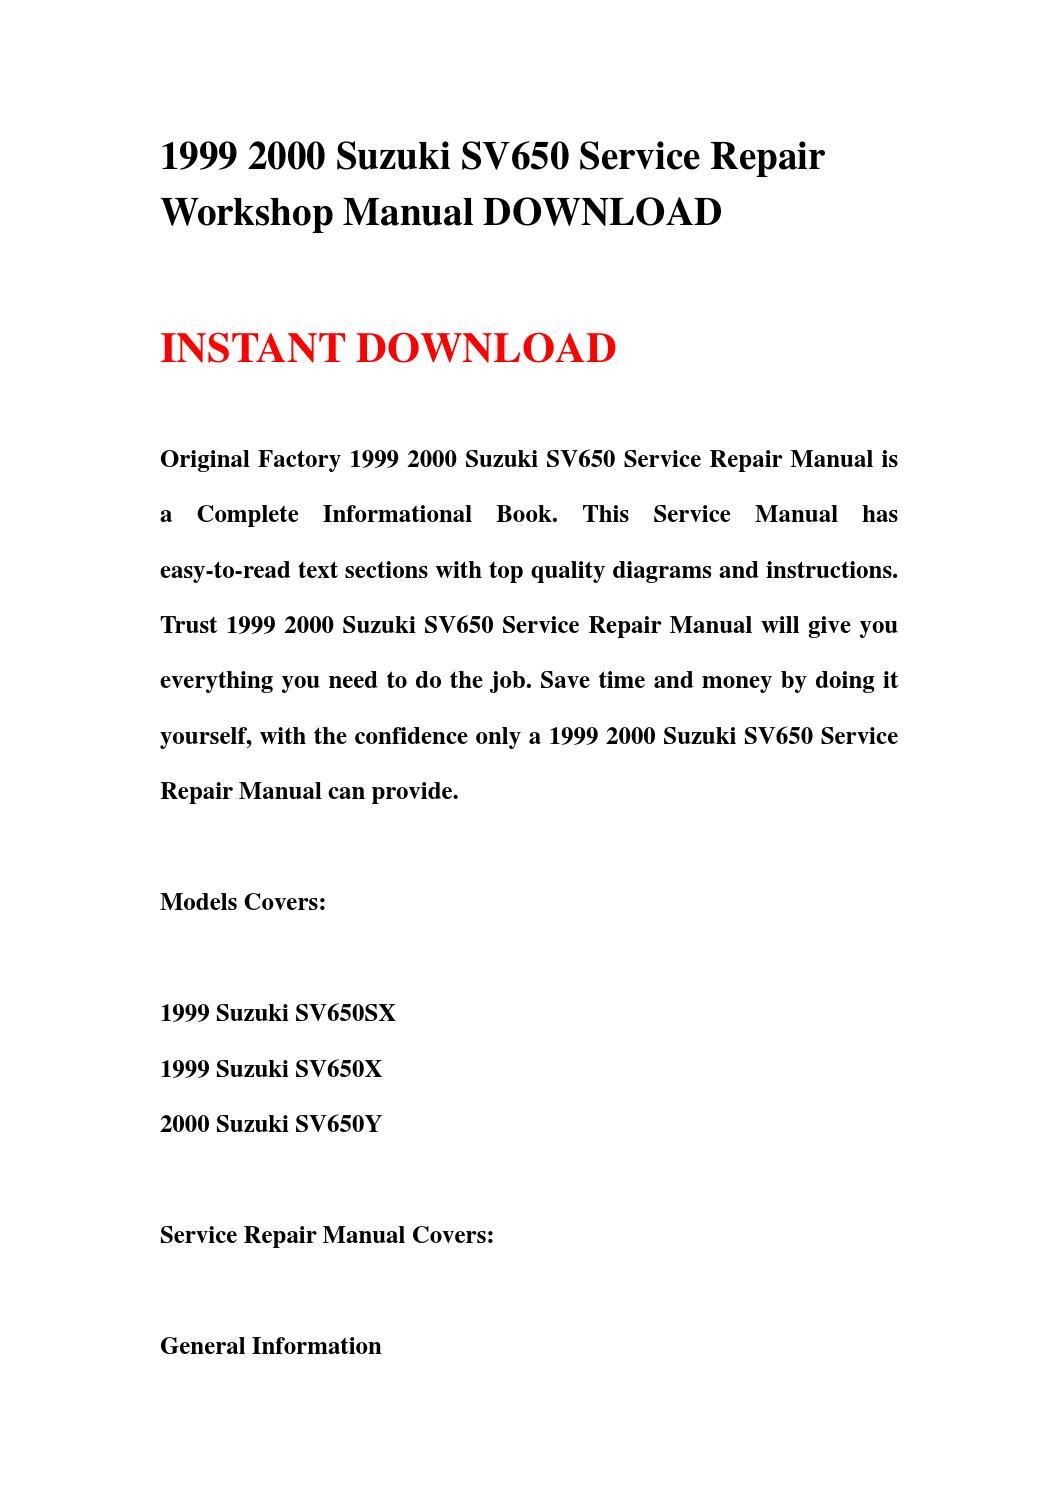 1999 2000 suzuki sv650 service repair workshop manual download by  jhsefnhsen76 - issuu